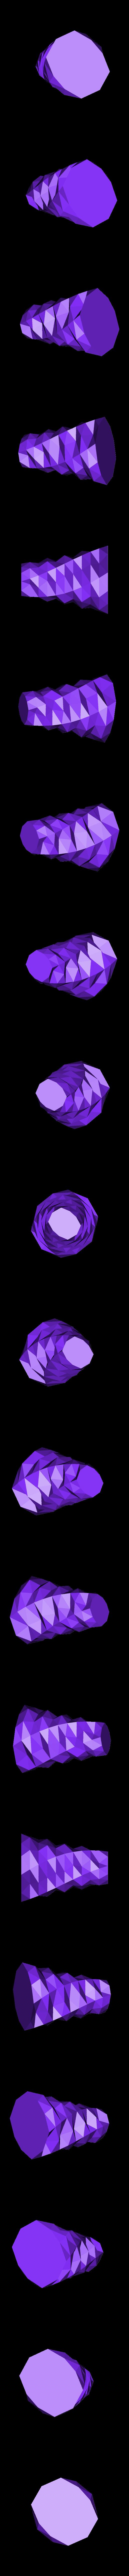 Poly_Vase_7.STL Télécharger fichier STL gratuit Poly Vase 7 • Plan imprimable en 3D, David_Mussaffi